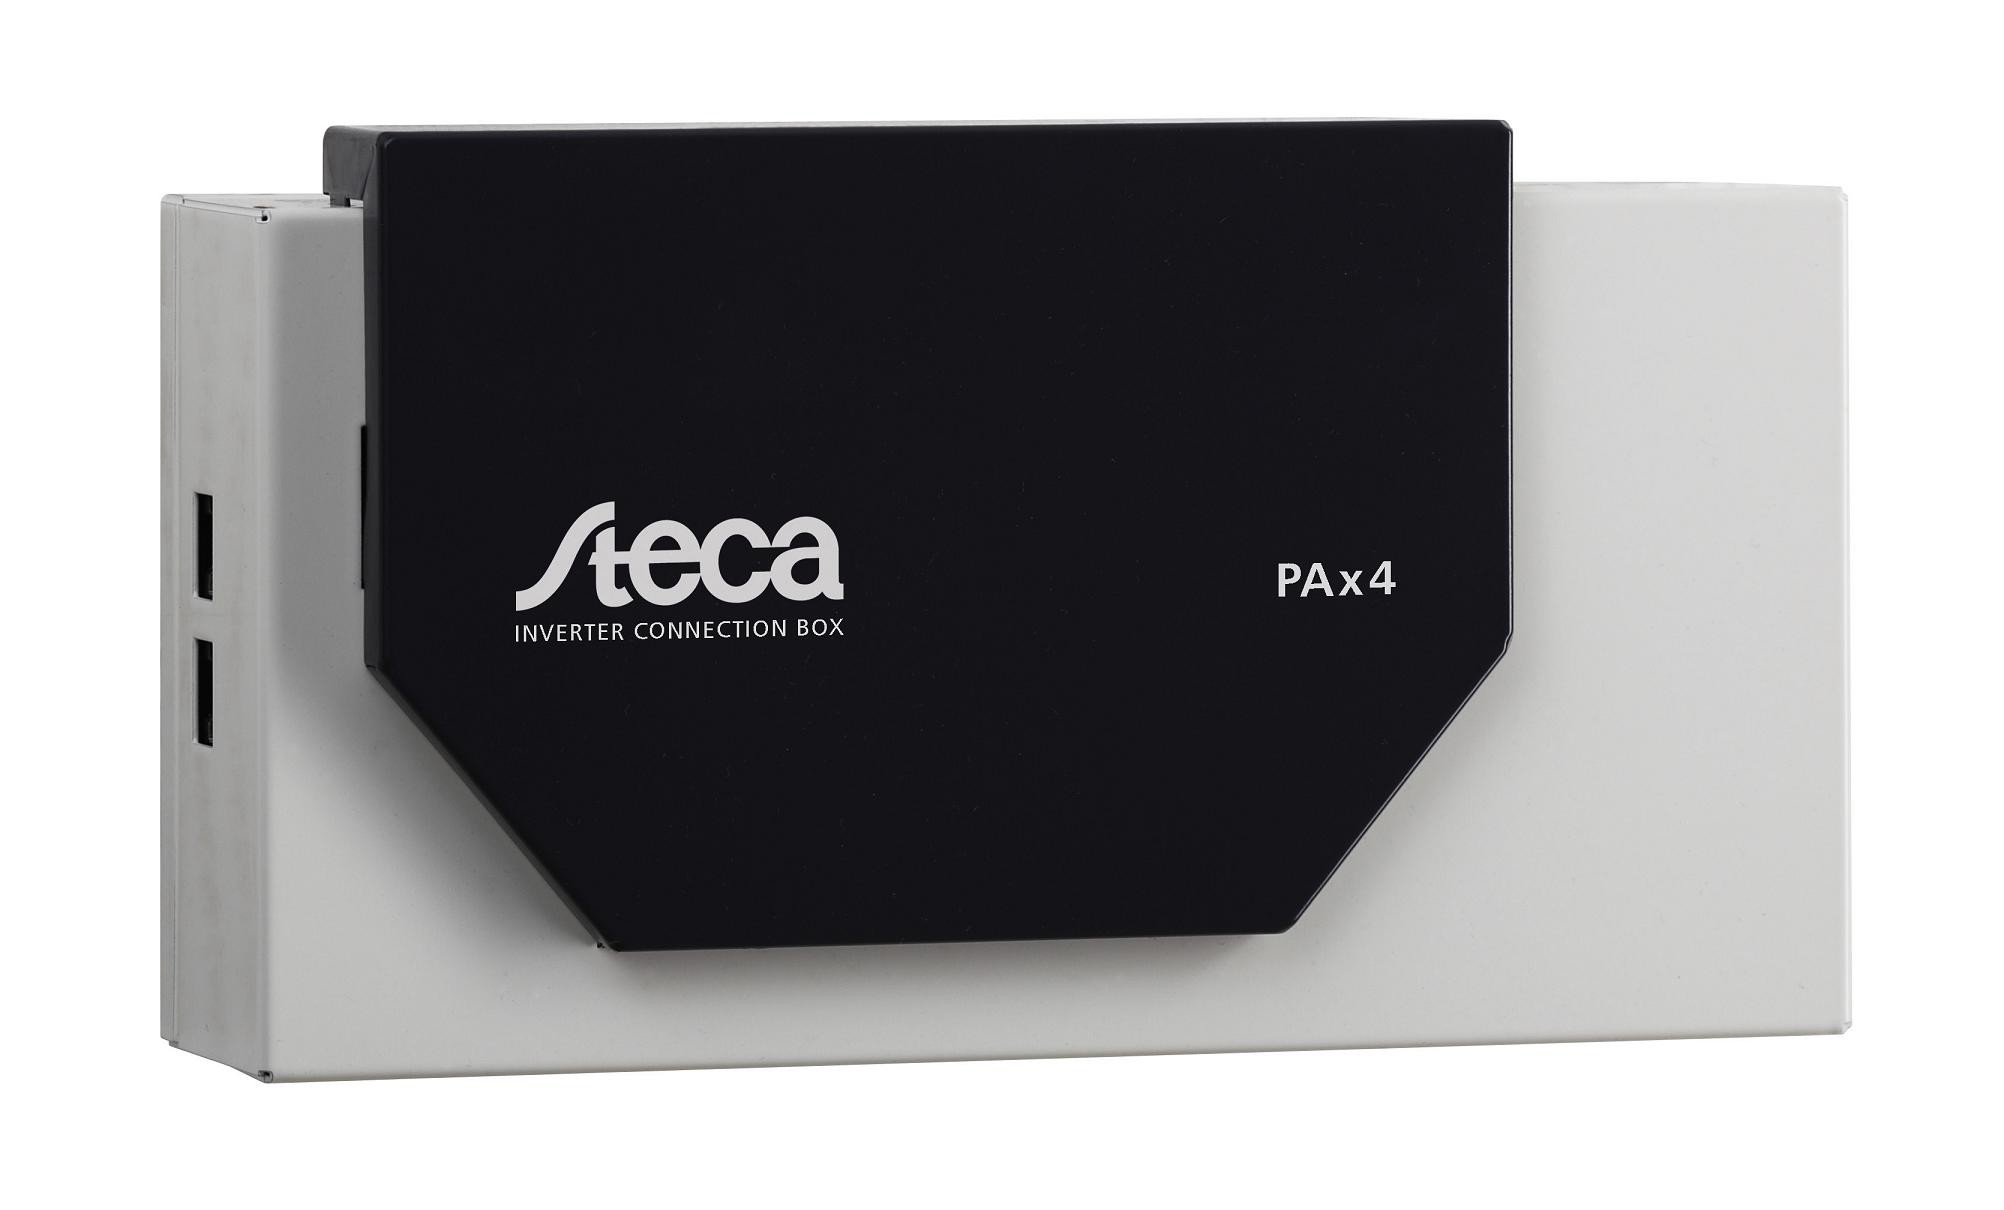 Steca PA-x4